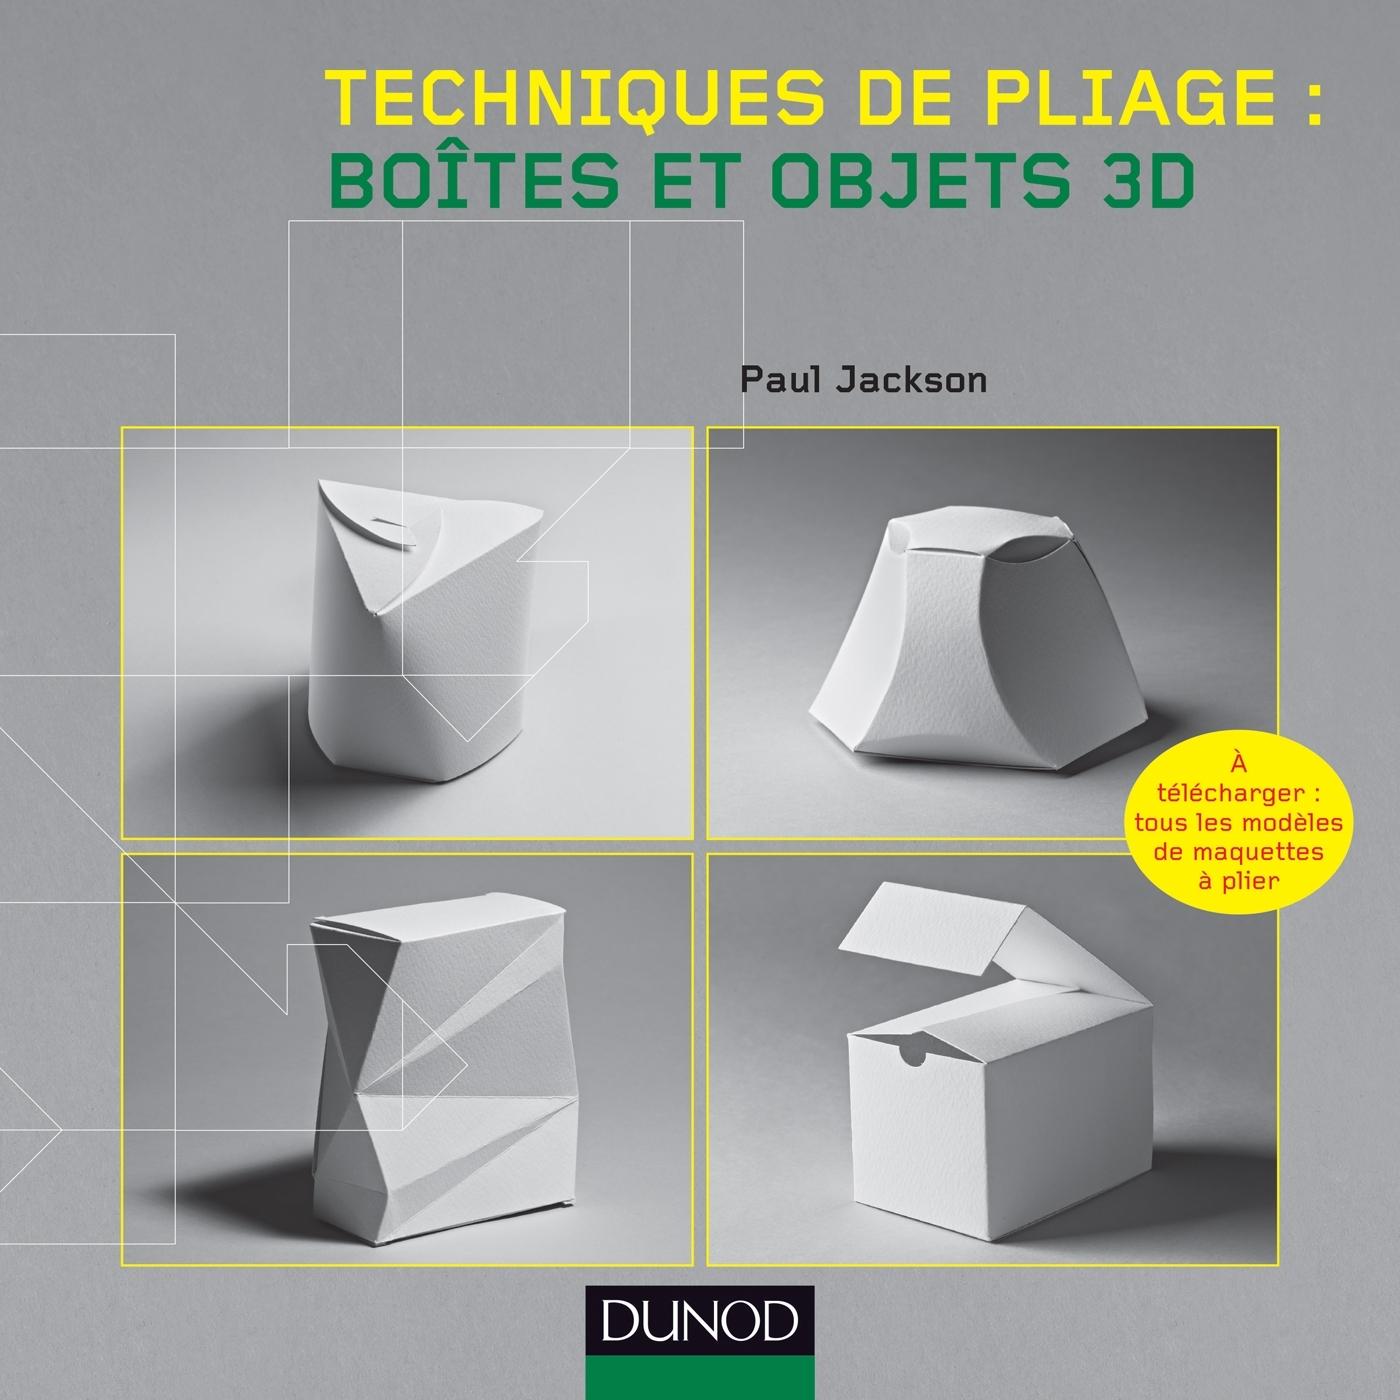 techniques de pliage bo tes et objets 3d livre design de paul jackson dunod. Black Bedroom Furniture Sets. Home Design Ideas